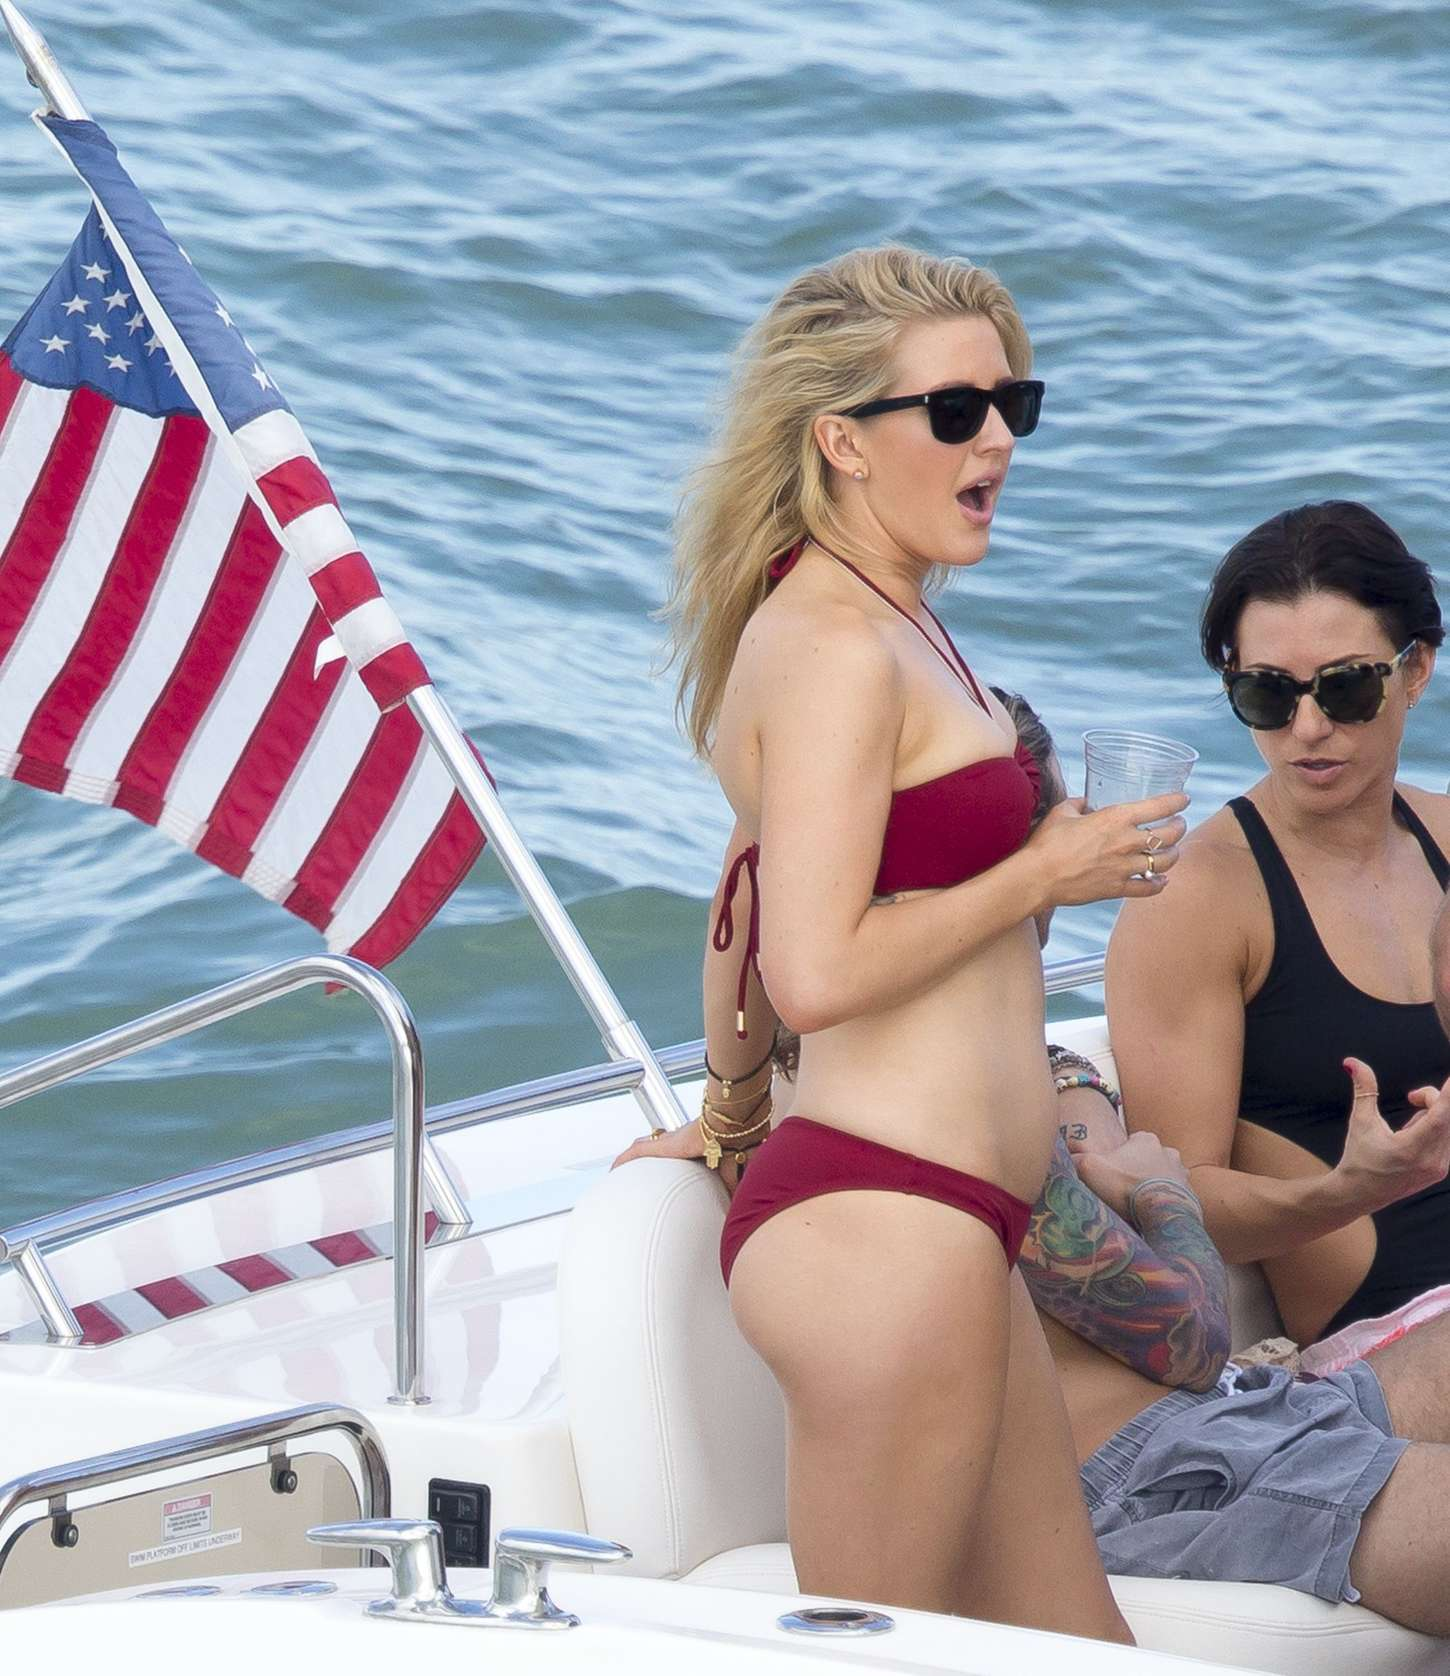 Ellie Goulding 2015 : Ellie Goulding in Red Bikini -30